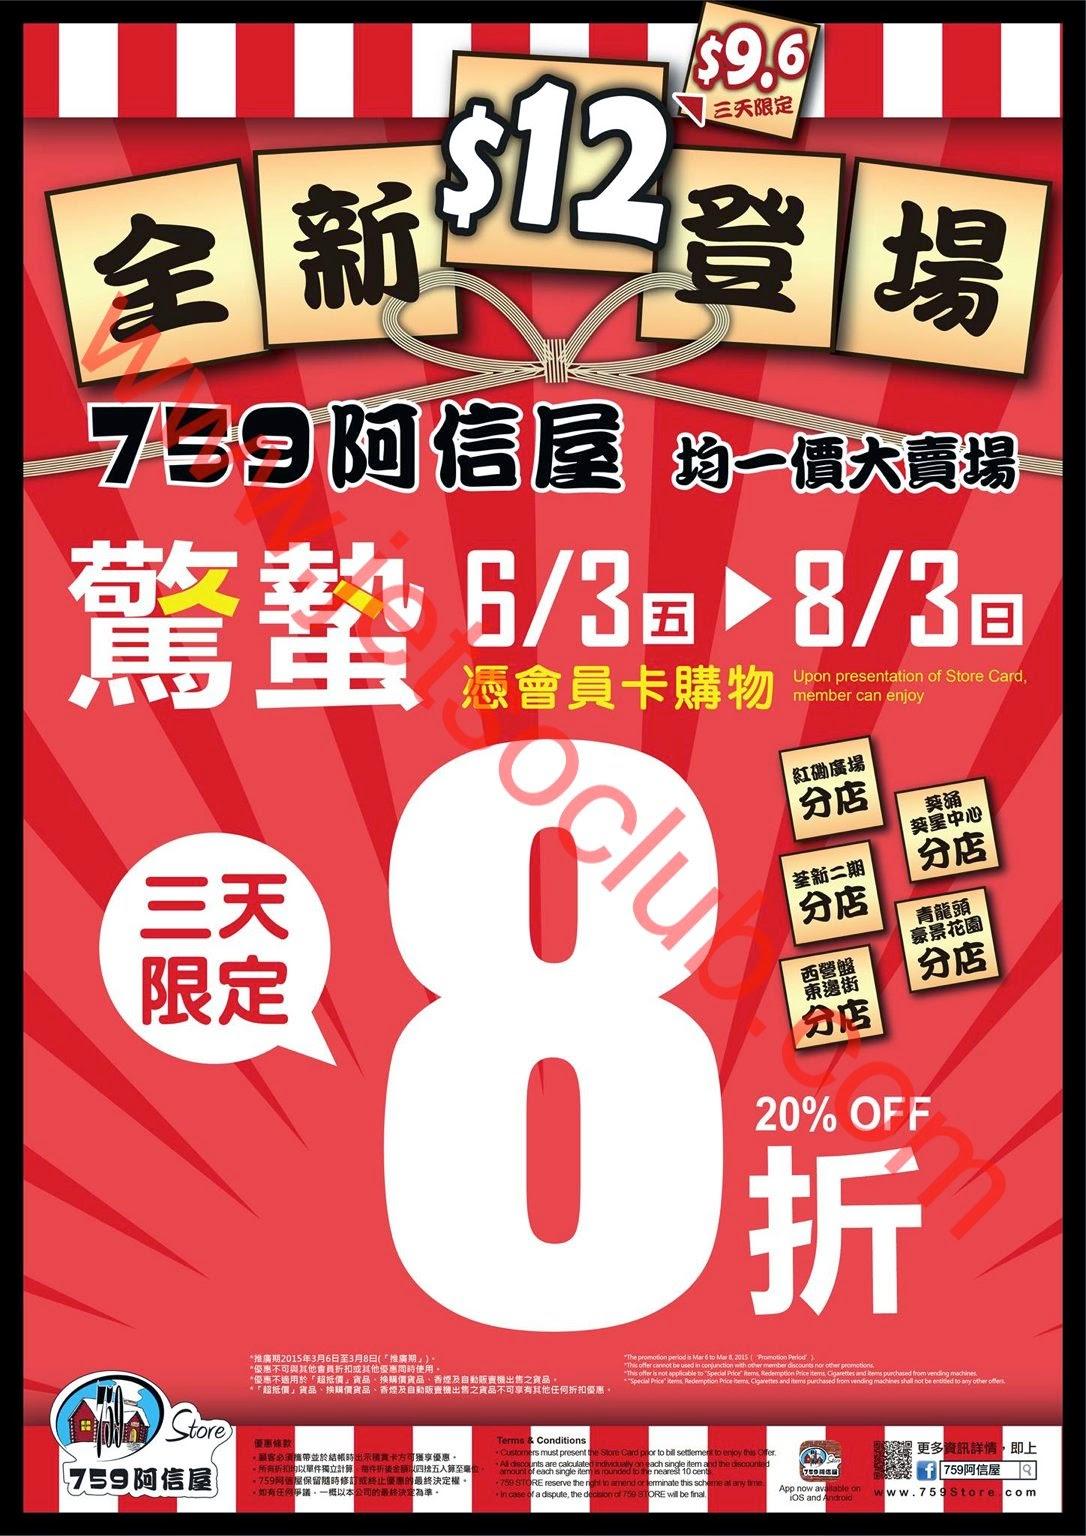 759 阿信屋 / 759 Kawaiiland / 759 均一價大賣場:全線分店 全部貨品 8折優惠(6-8/3) ( Jetso Club 著數俱樂部 )